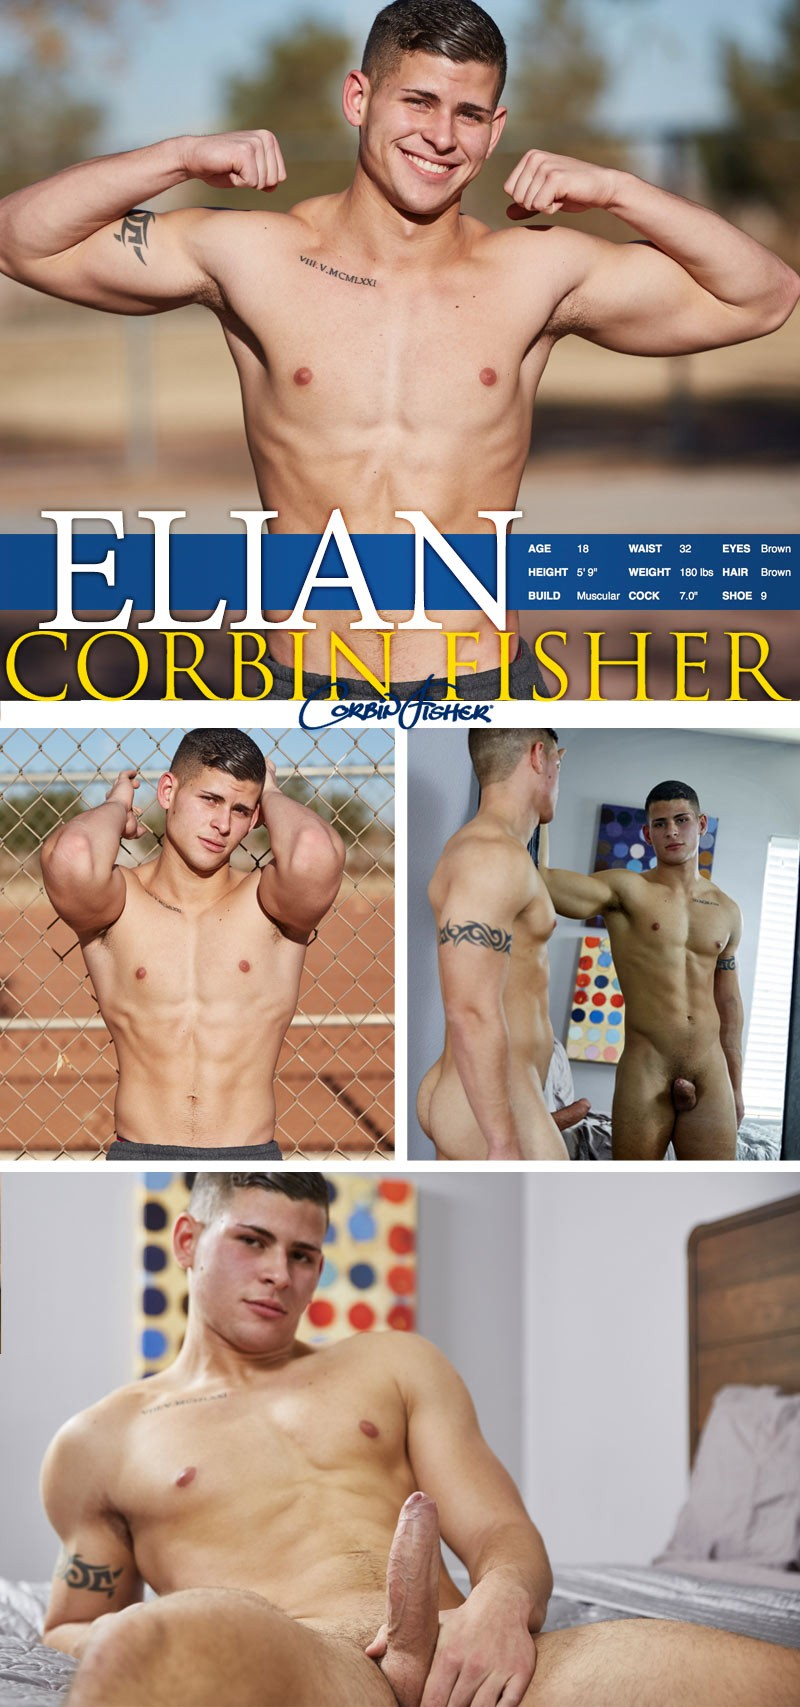 CorbinFisher – ACM – Elian